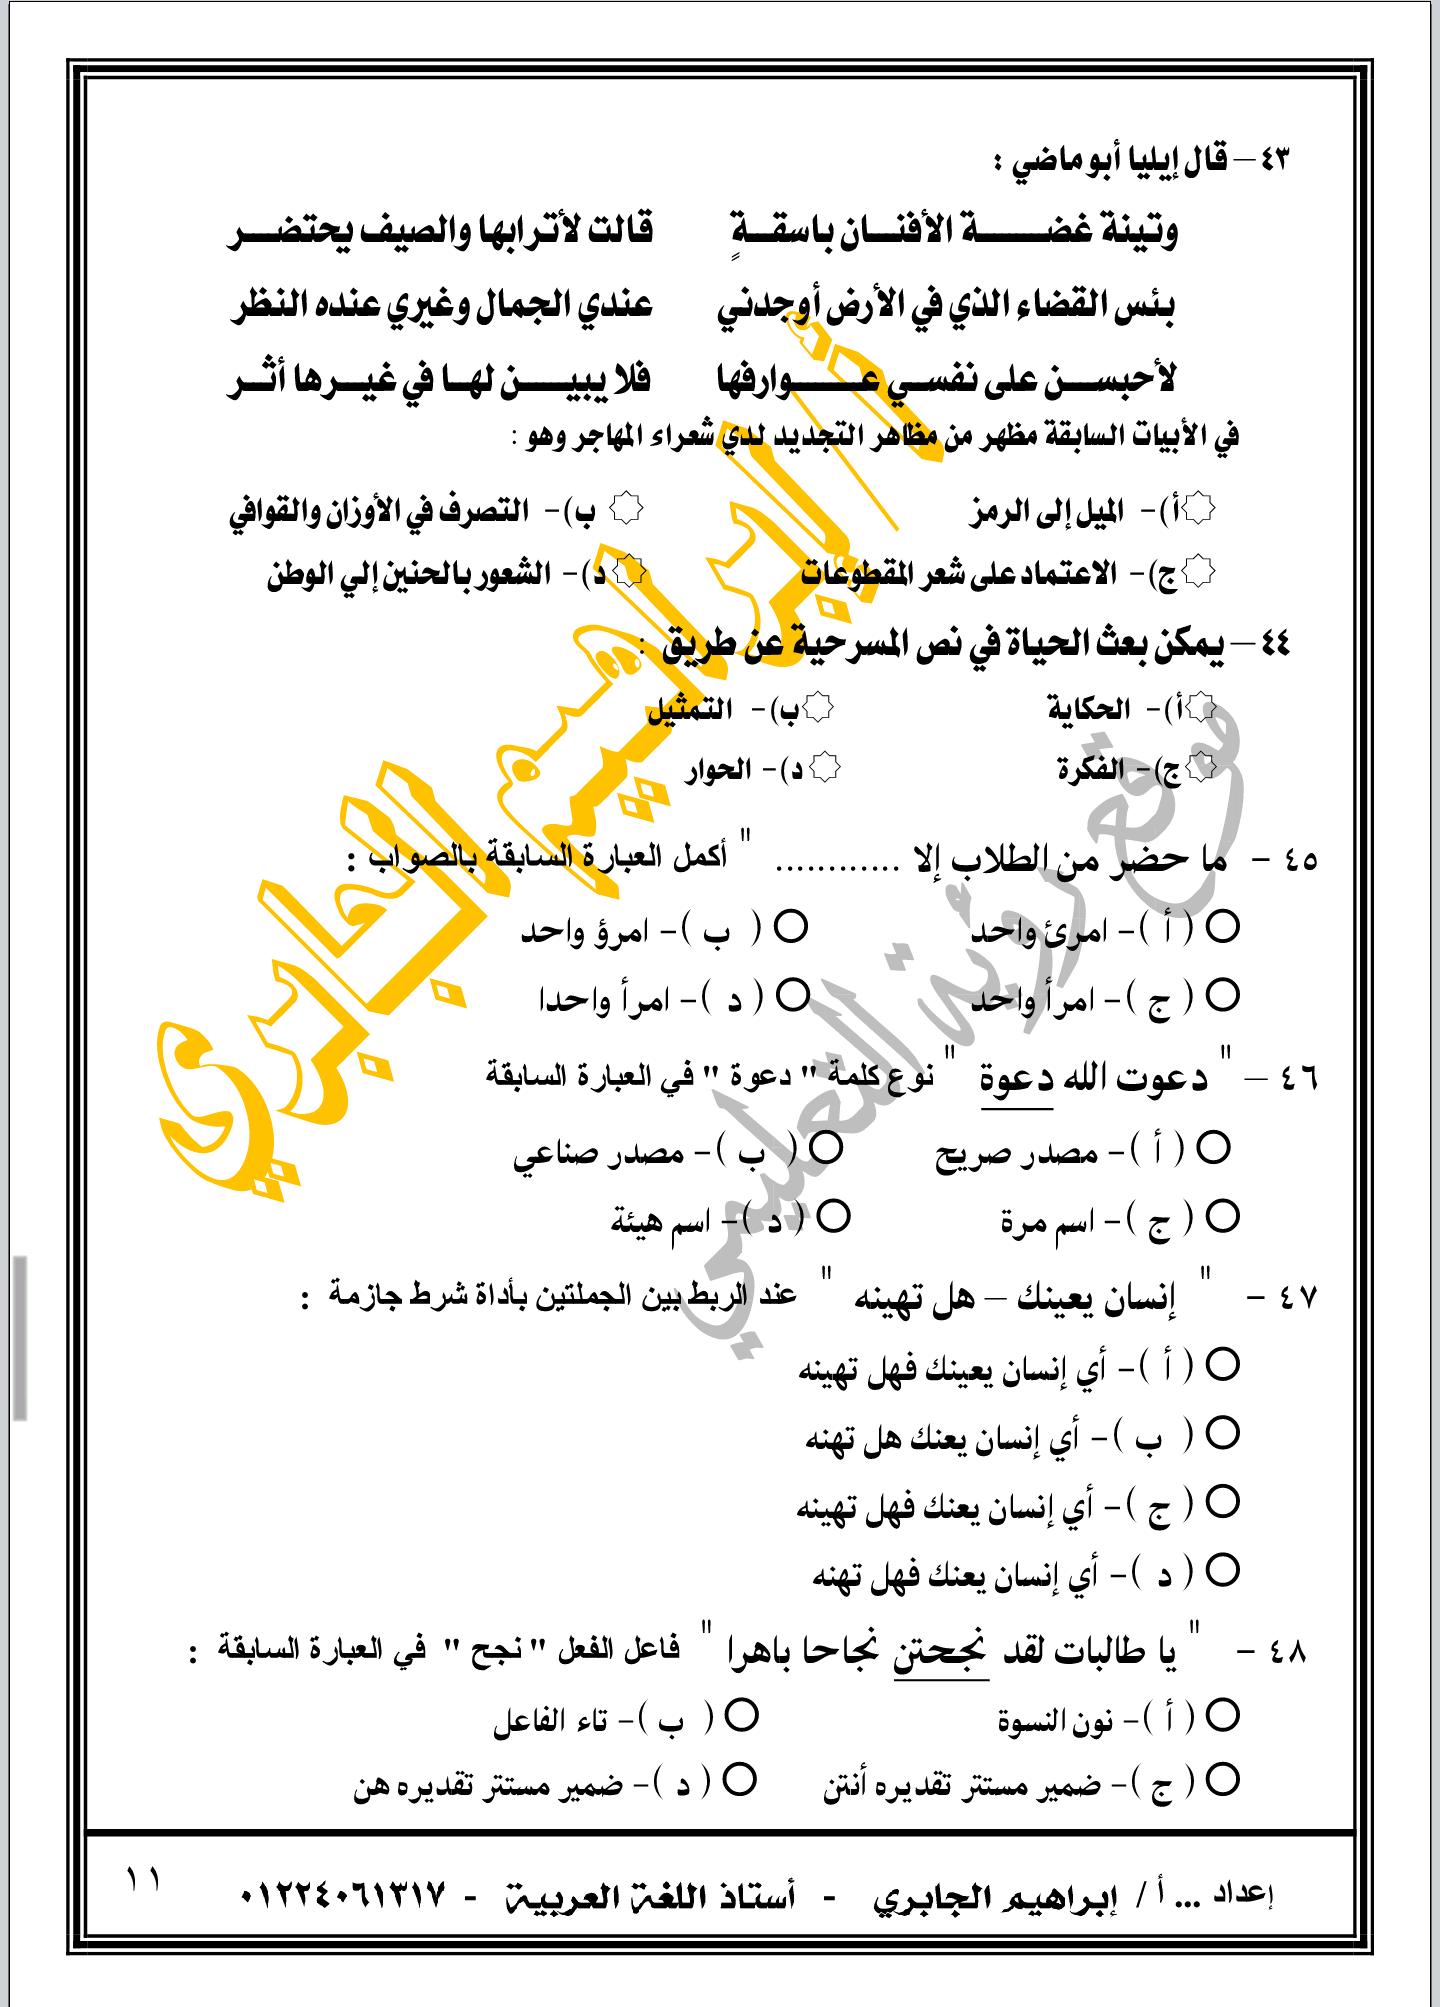 امتحان لغة عربية شامل للثانوية العامة نظام جديد 2021.. 70 سؤالا بالإجابات النموذجية Screenshot_%25D9%25A2%25D9%25A0%25D9%25A2%25D9%25A1-%25D9%25A0%25D9%25A4-%25D9%25A1%25D9%25A5-%25D9%25A0%25D9%25A1-%25D9%25A4%25D9%25A1-%25D9%25A4%25D9%25A2-1